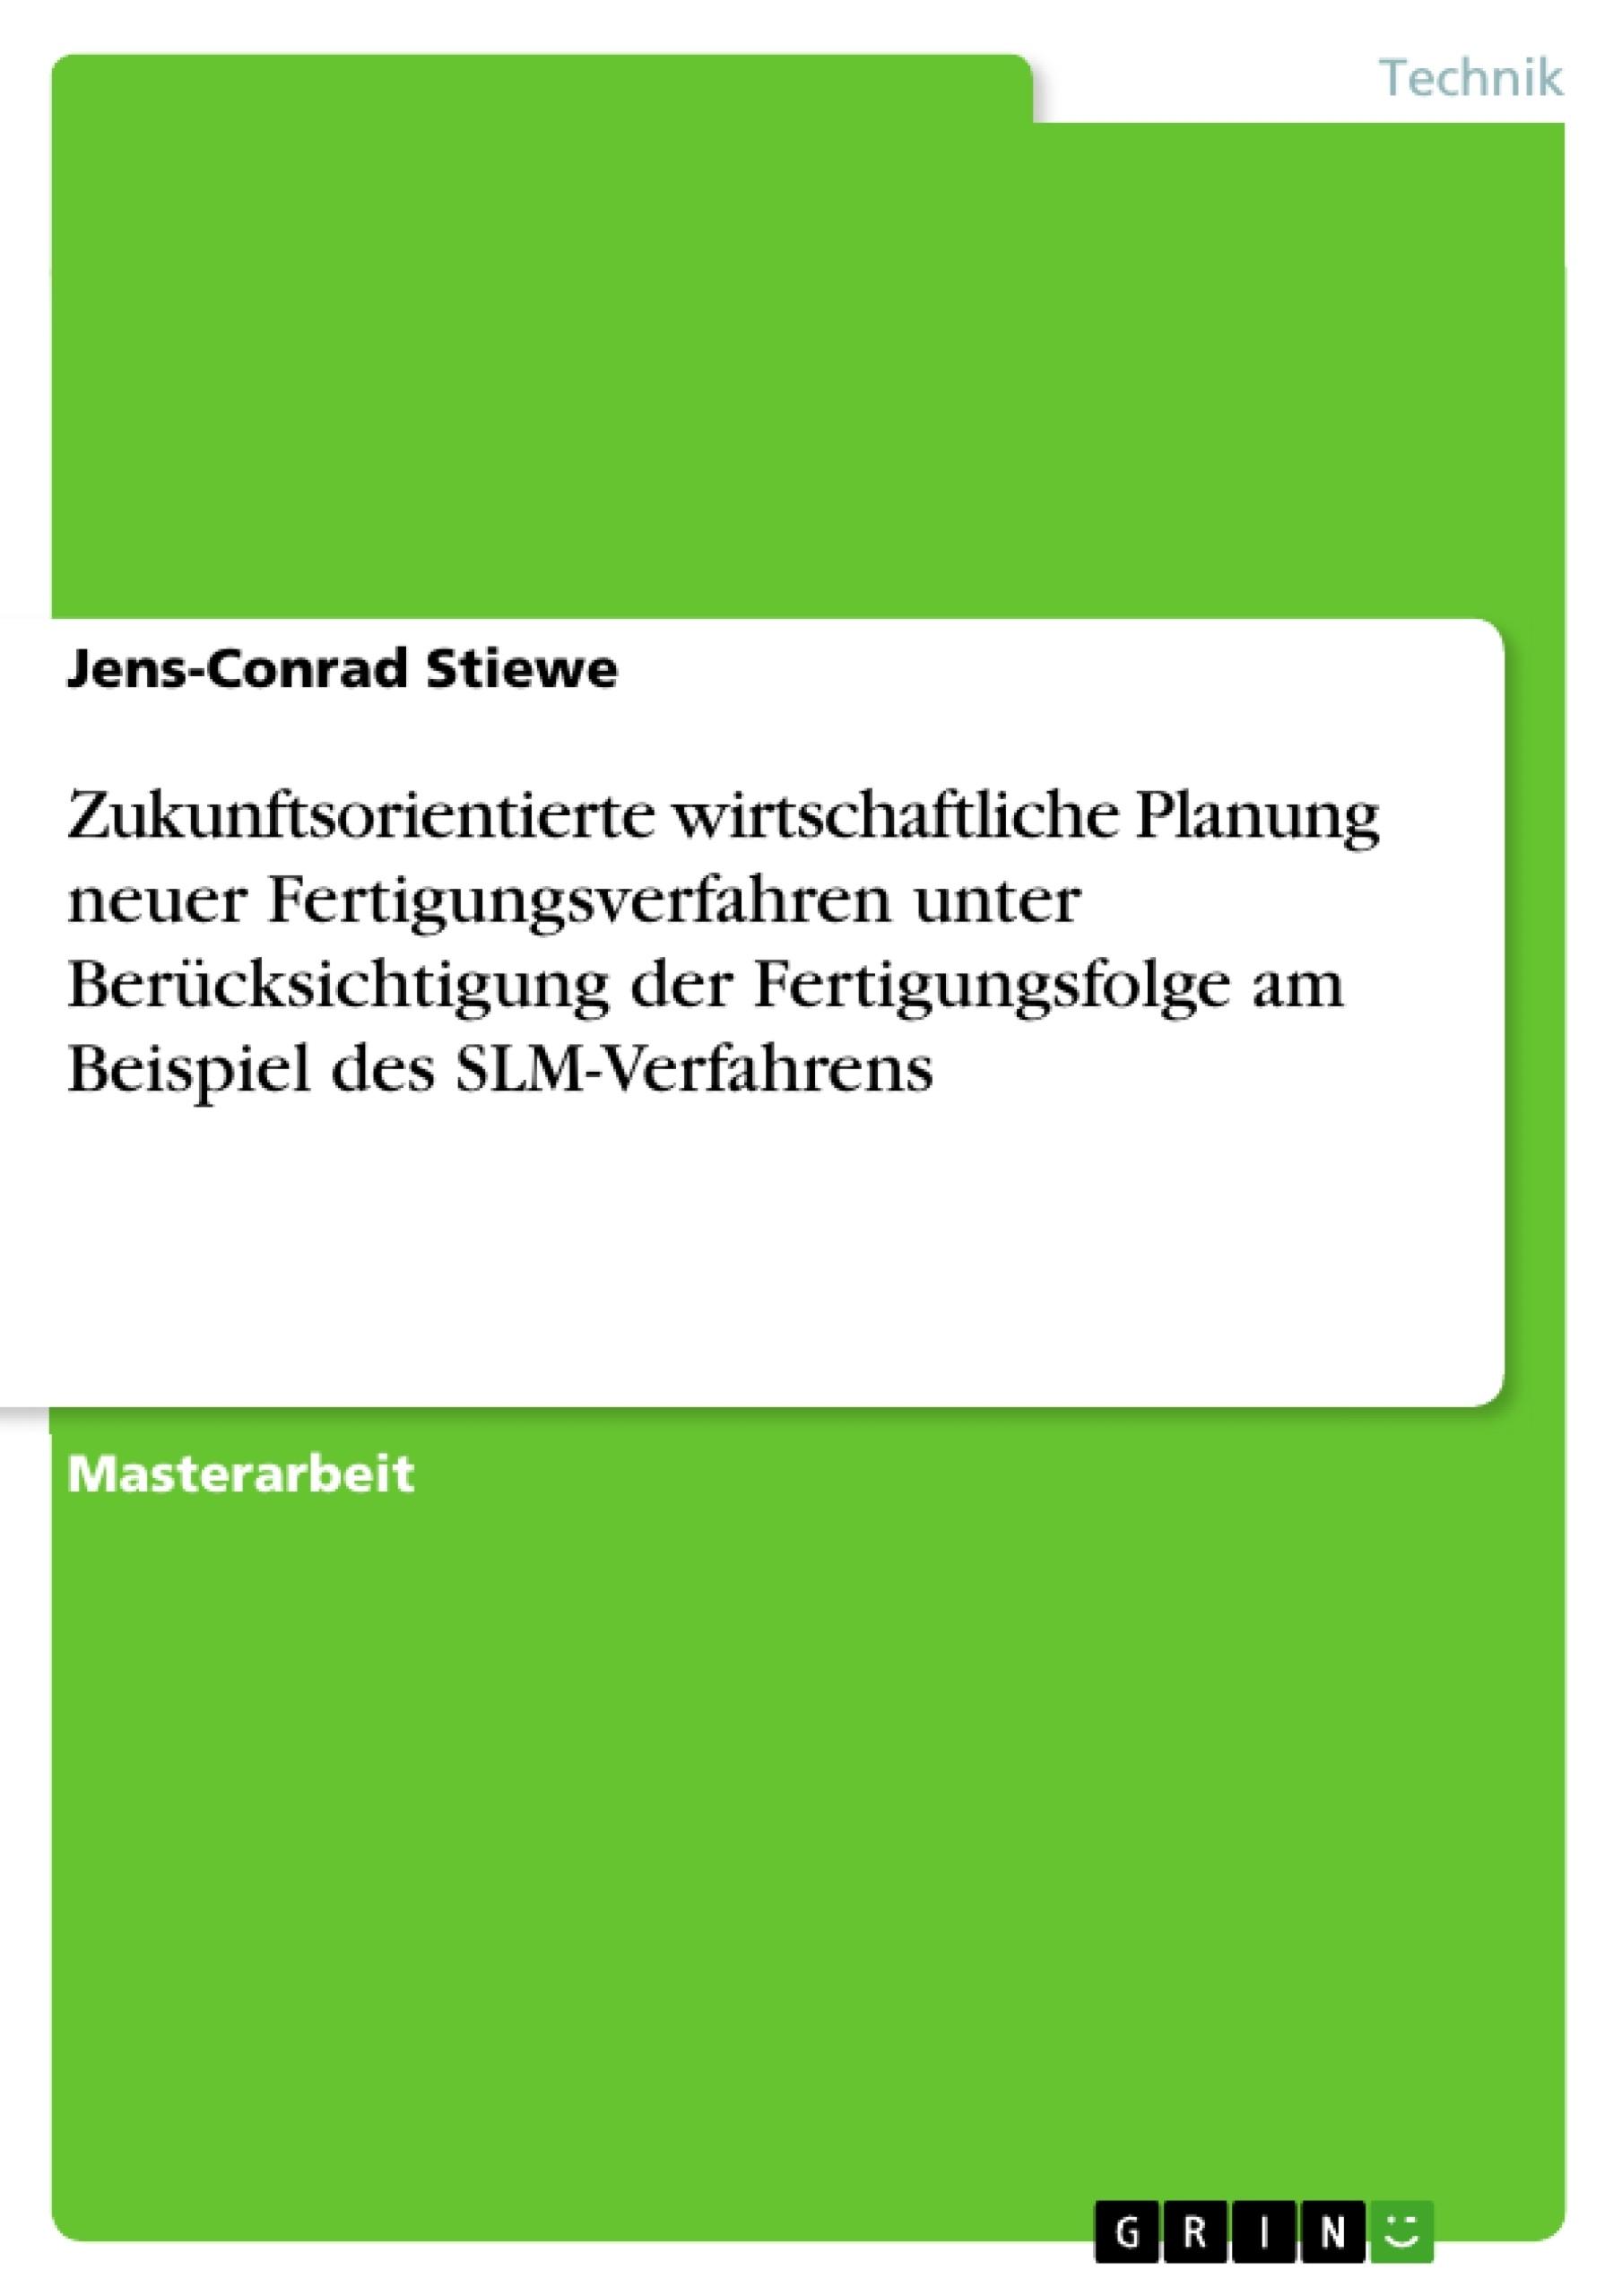 Titel: Zukunftsorientierte wirtschaftliche Planung neuer Fertigungsverfahren unter Berücksichtigung der Fertigungsfolge am Beispiel des SLM-Verfahrens